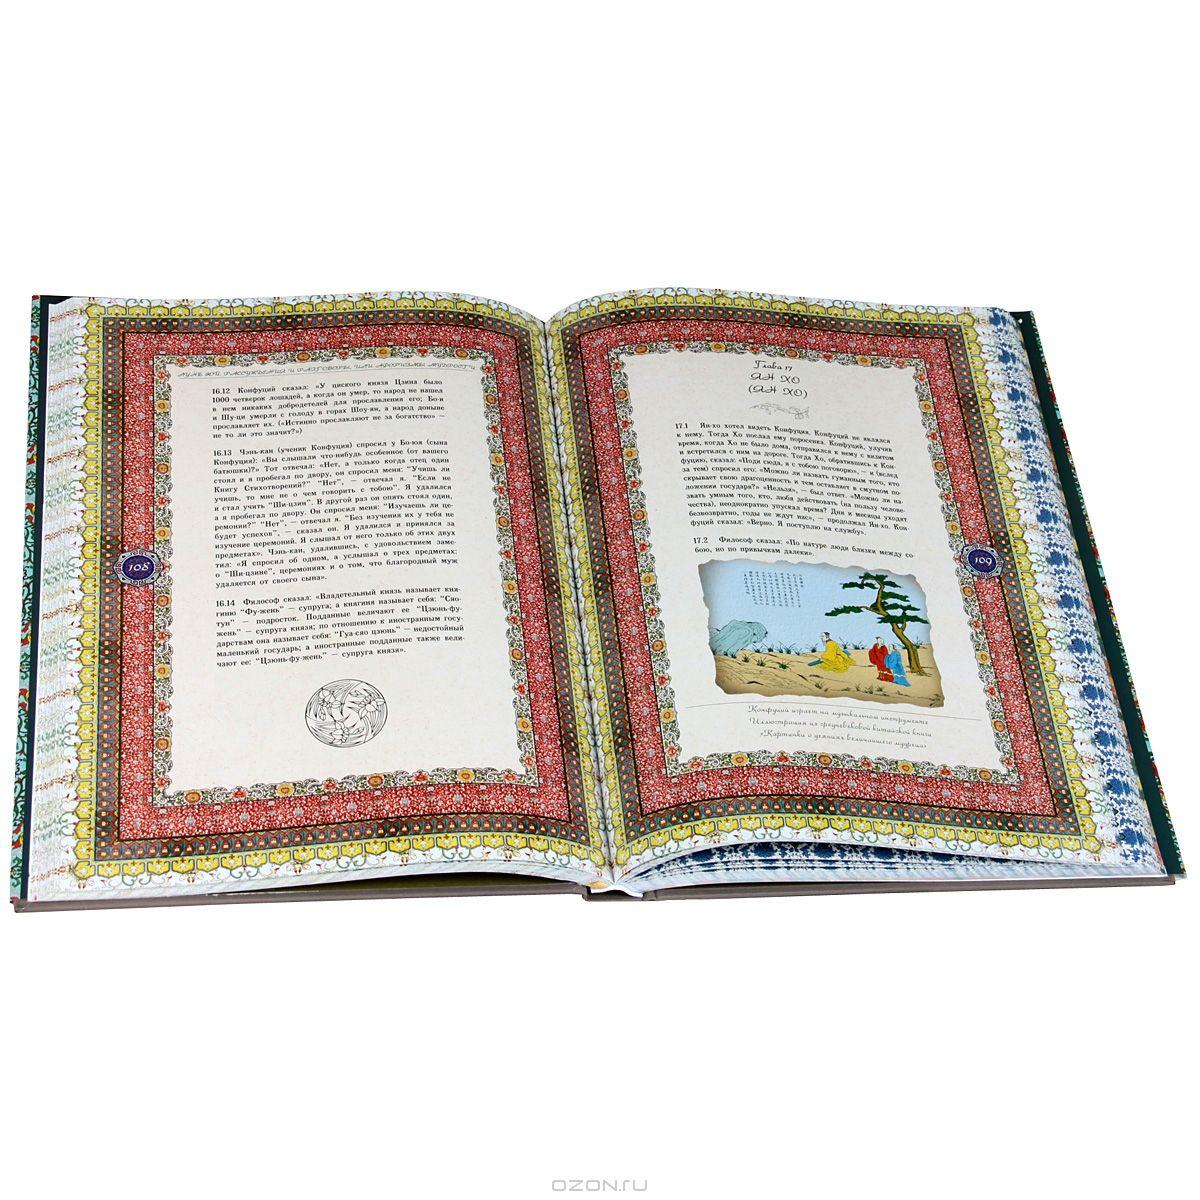 Книгу Лунь Юй Древнекитайская Философия